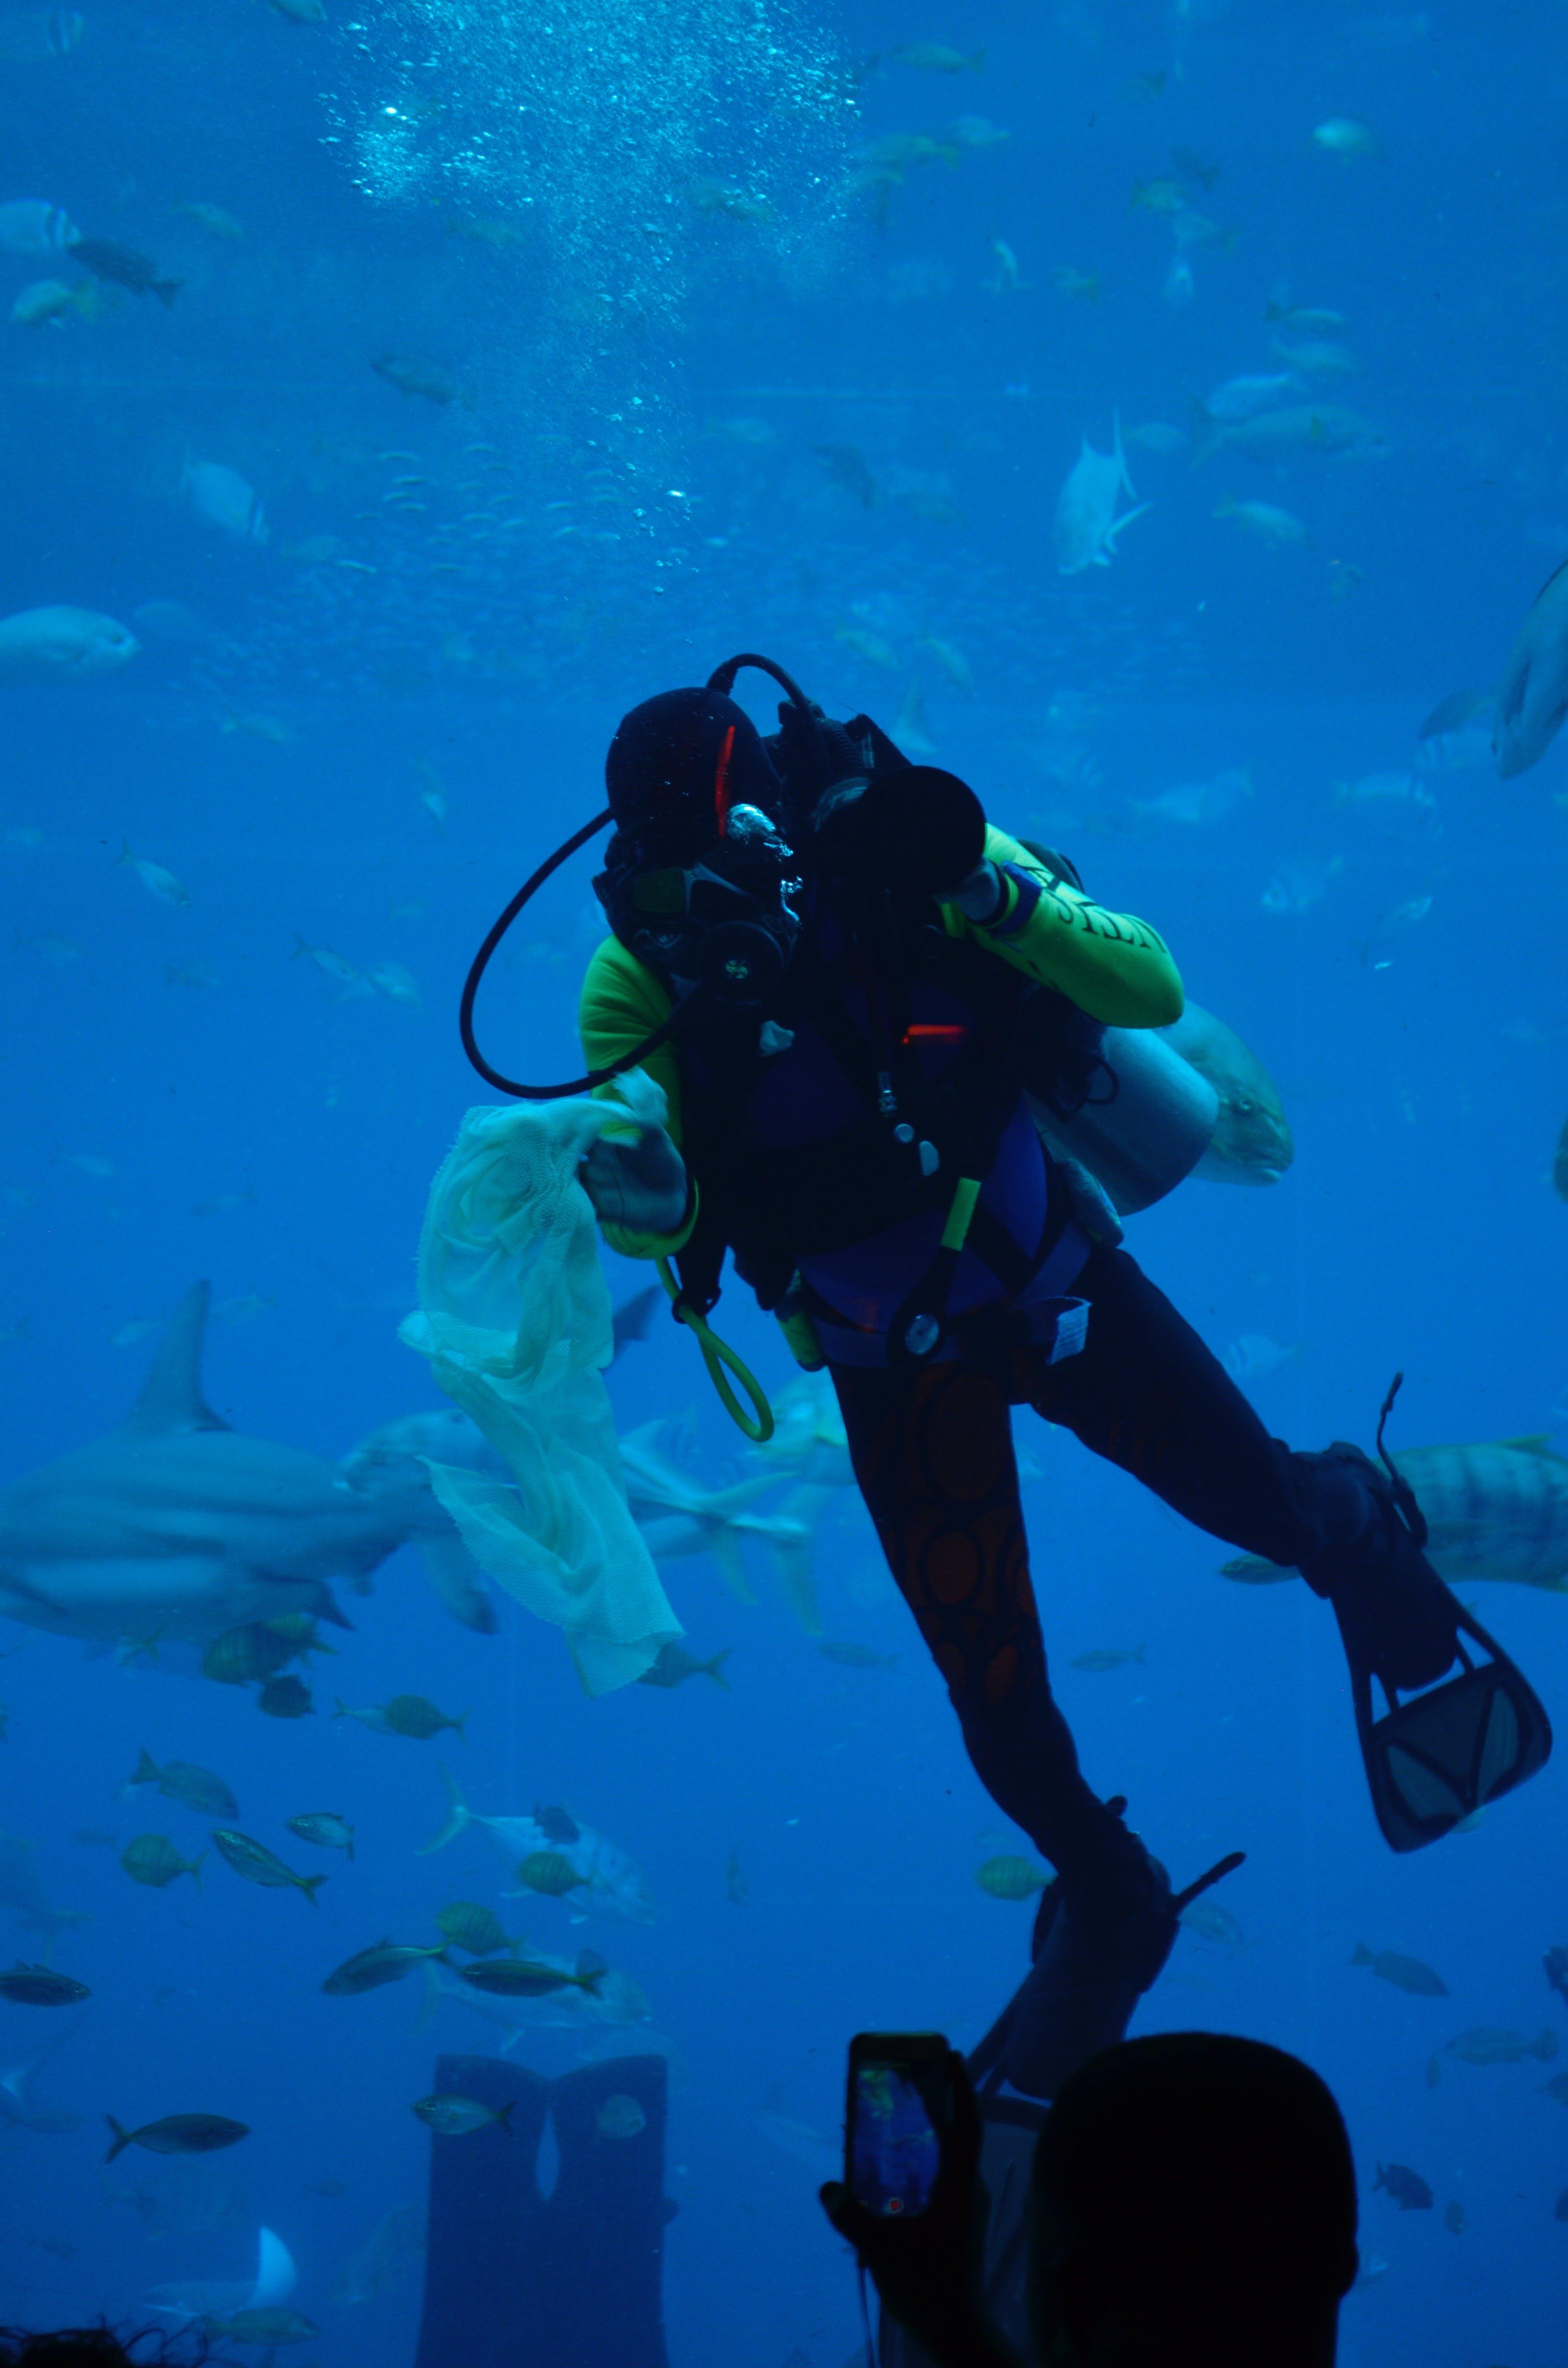 Δωρεάν στοκ φωτογραφιών με ενυδρείο, θάλασσα